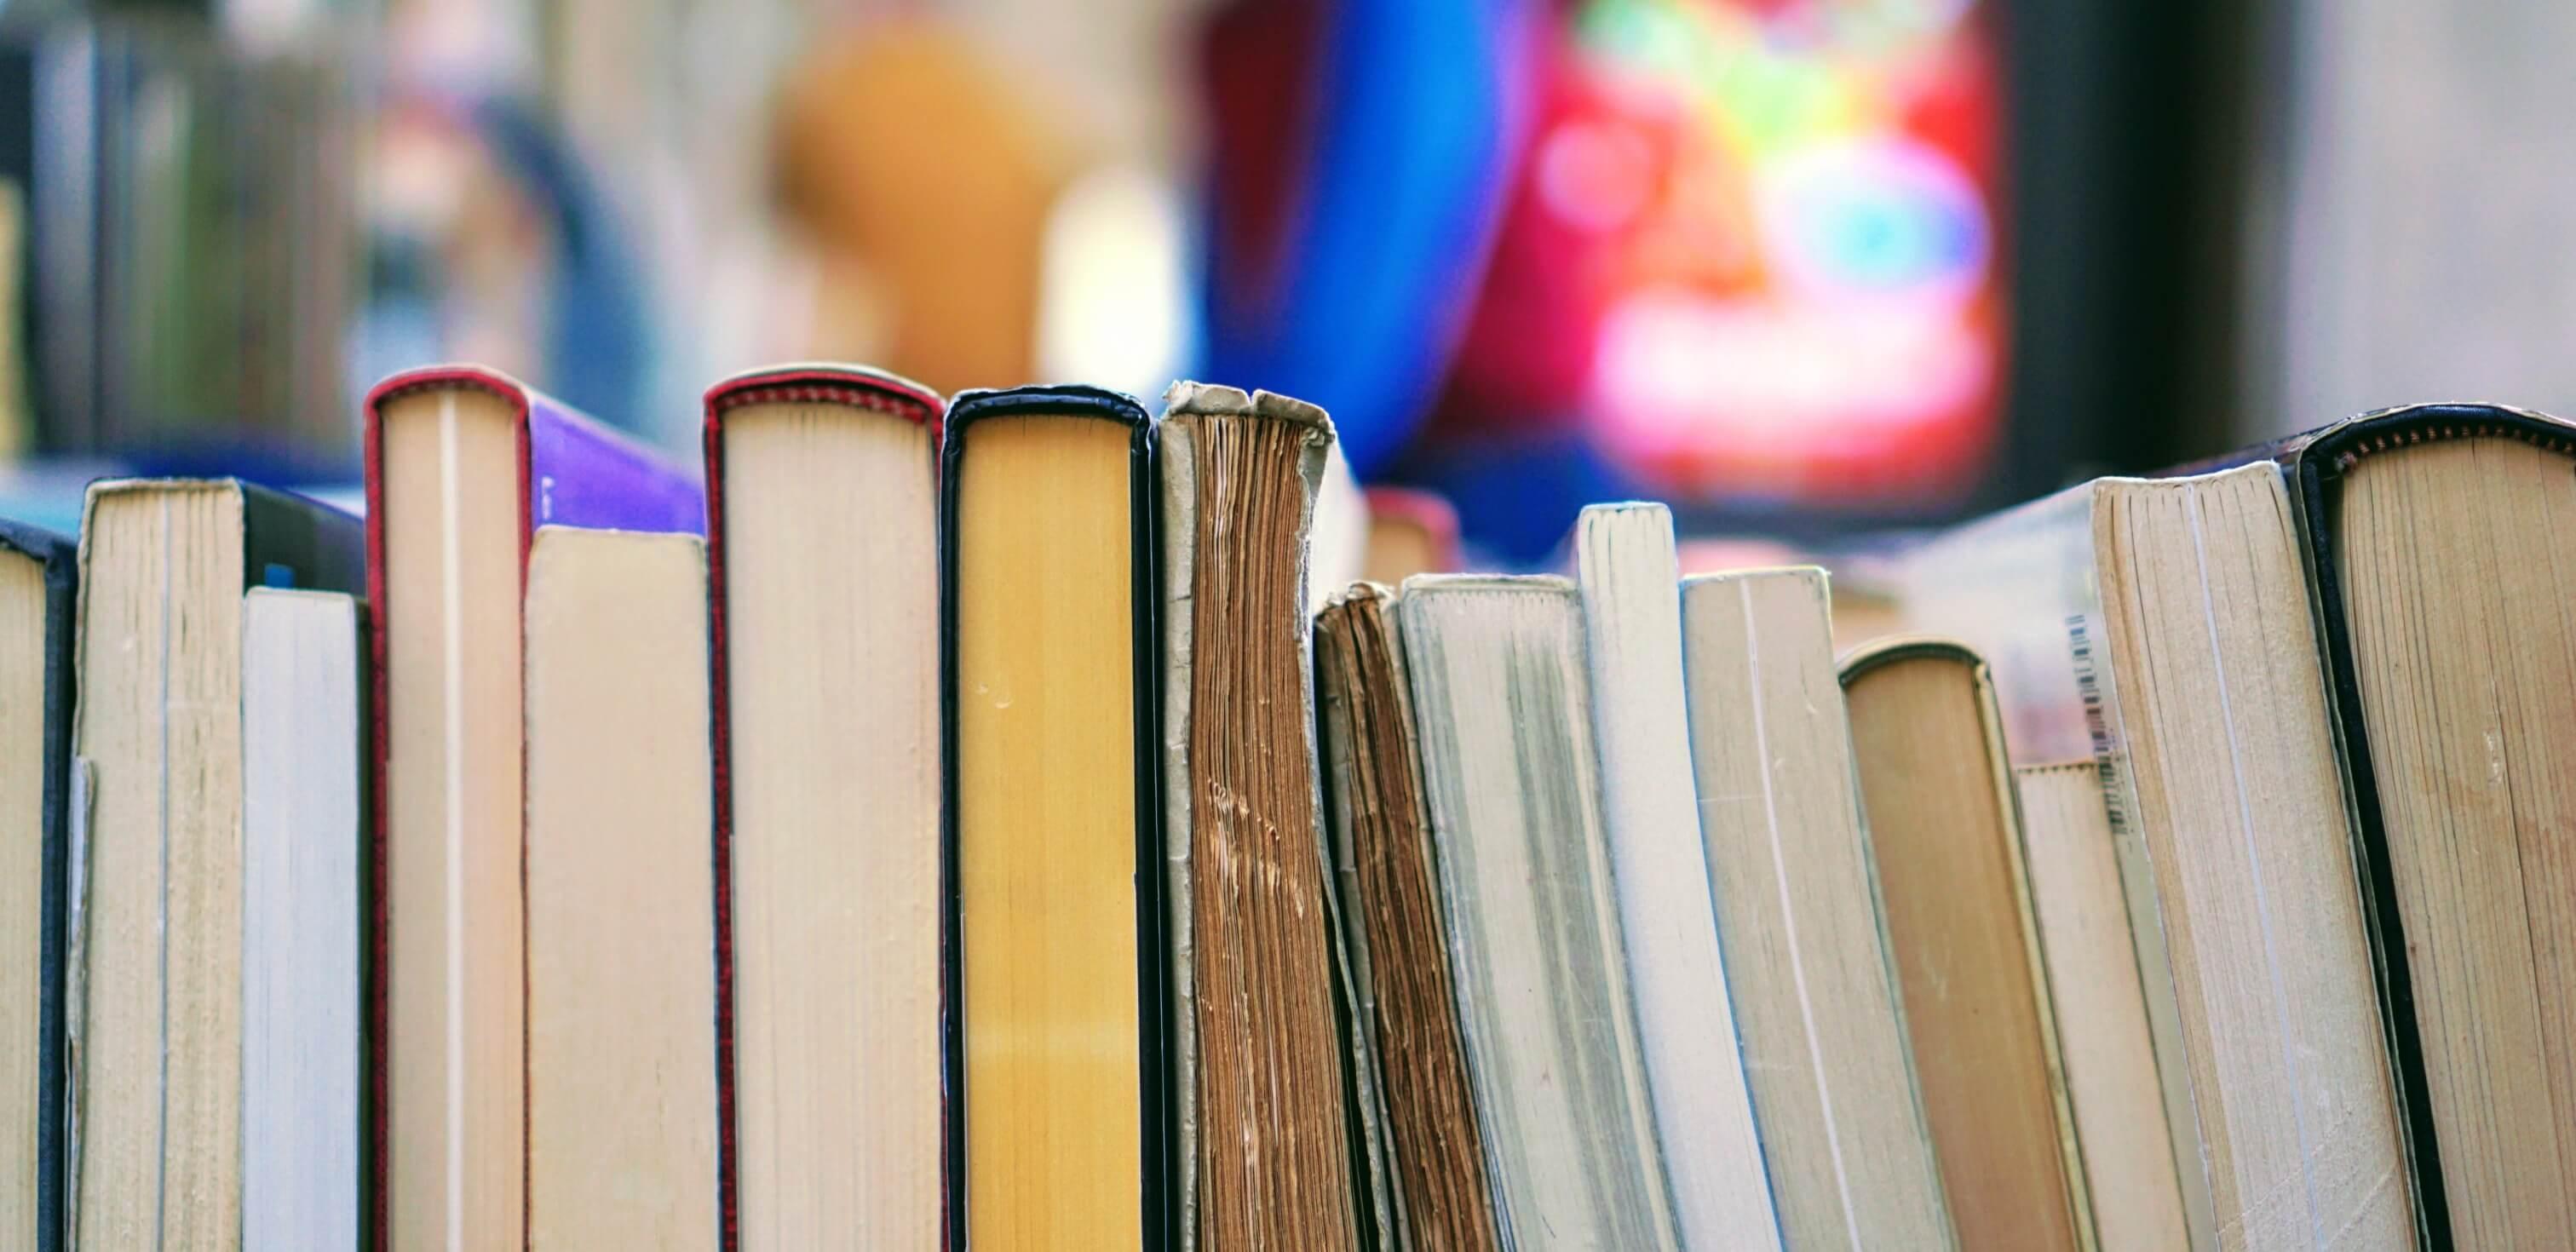 Fotografia de alguns livros com alusões históricas para redação enfileirados.